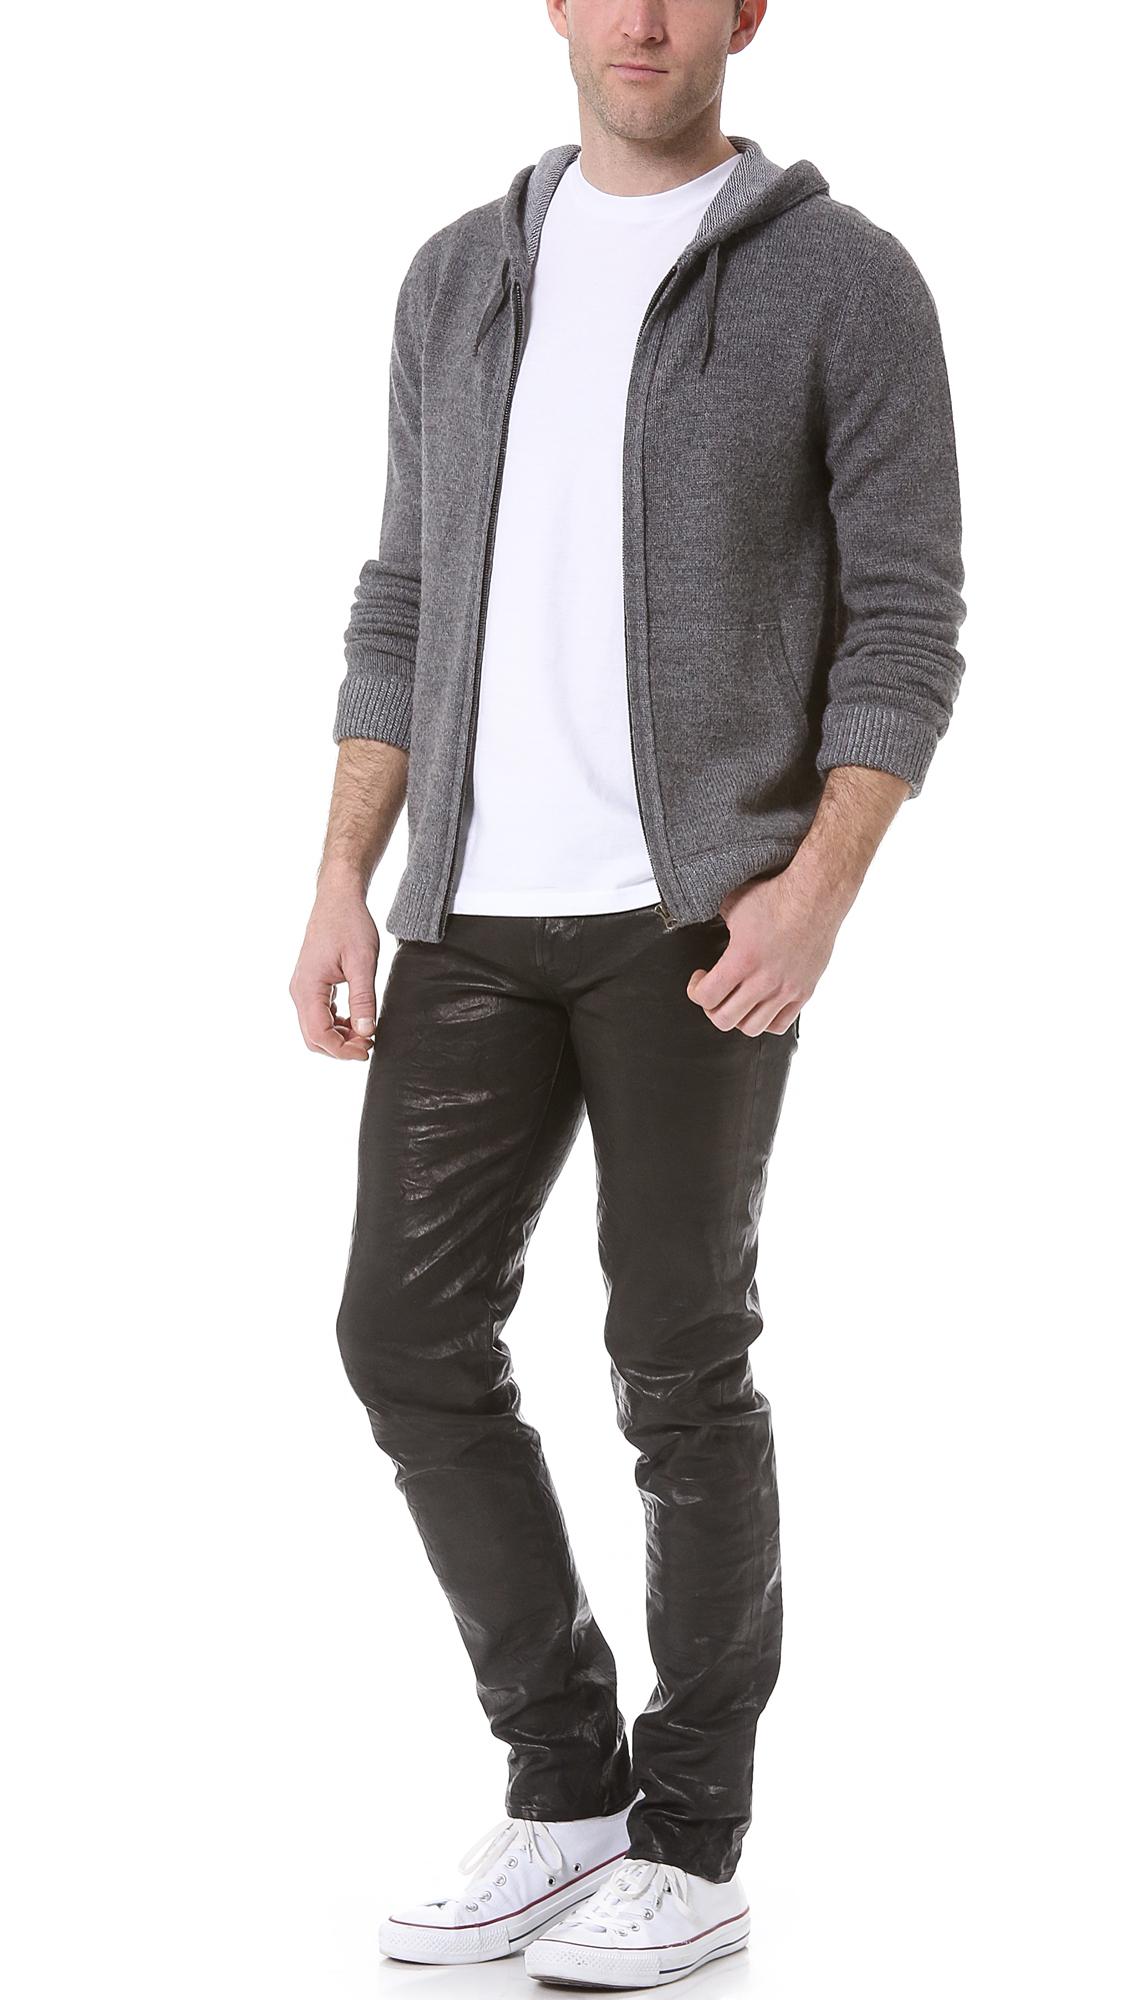 j brand tyler leather jeans in black for men lyst. Black Bedroom Furniture Sets. Home Design Ideas